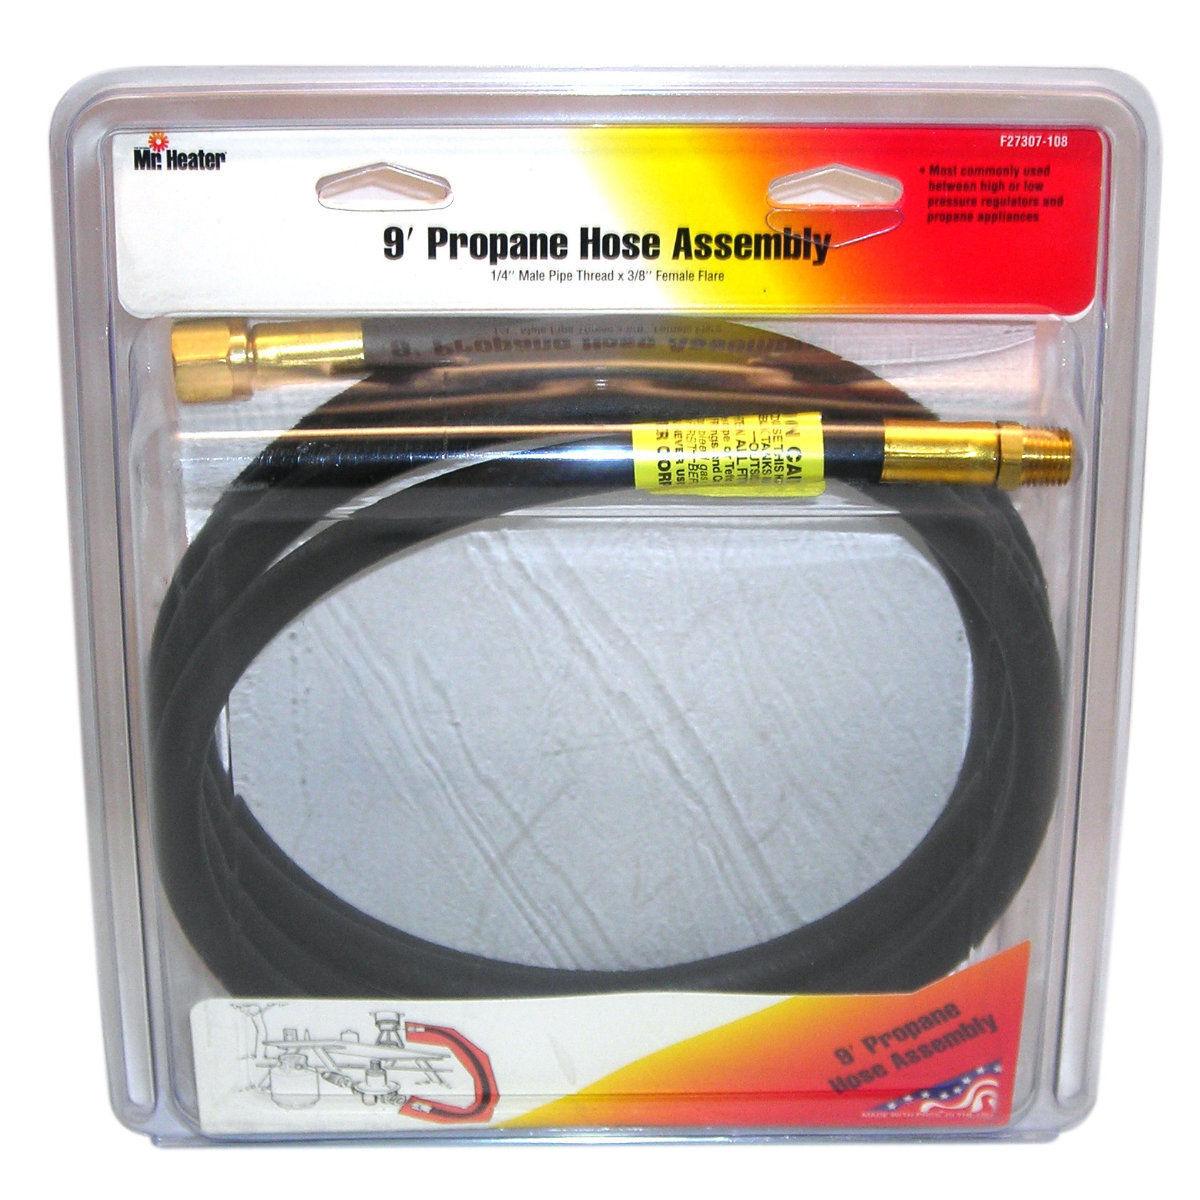 Mr Heater F273707-108 Propane Hose Assembly, 9'